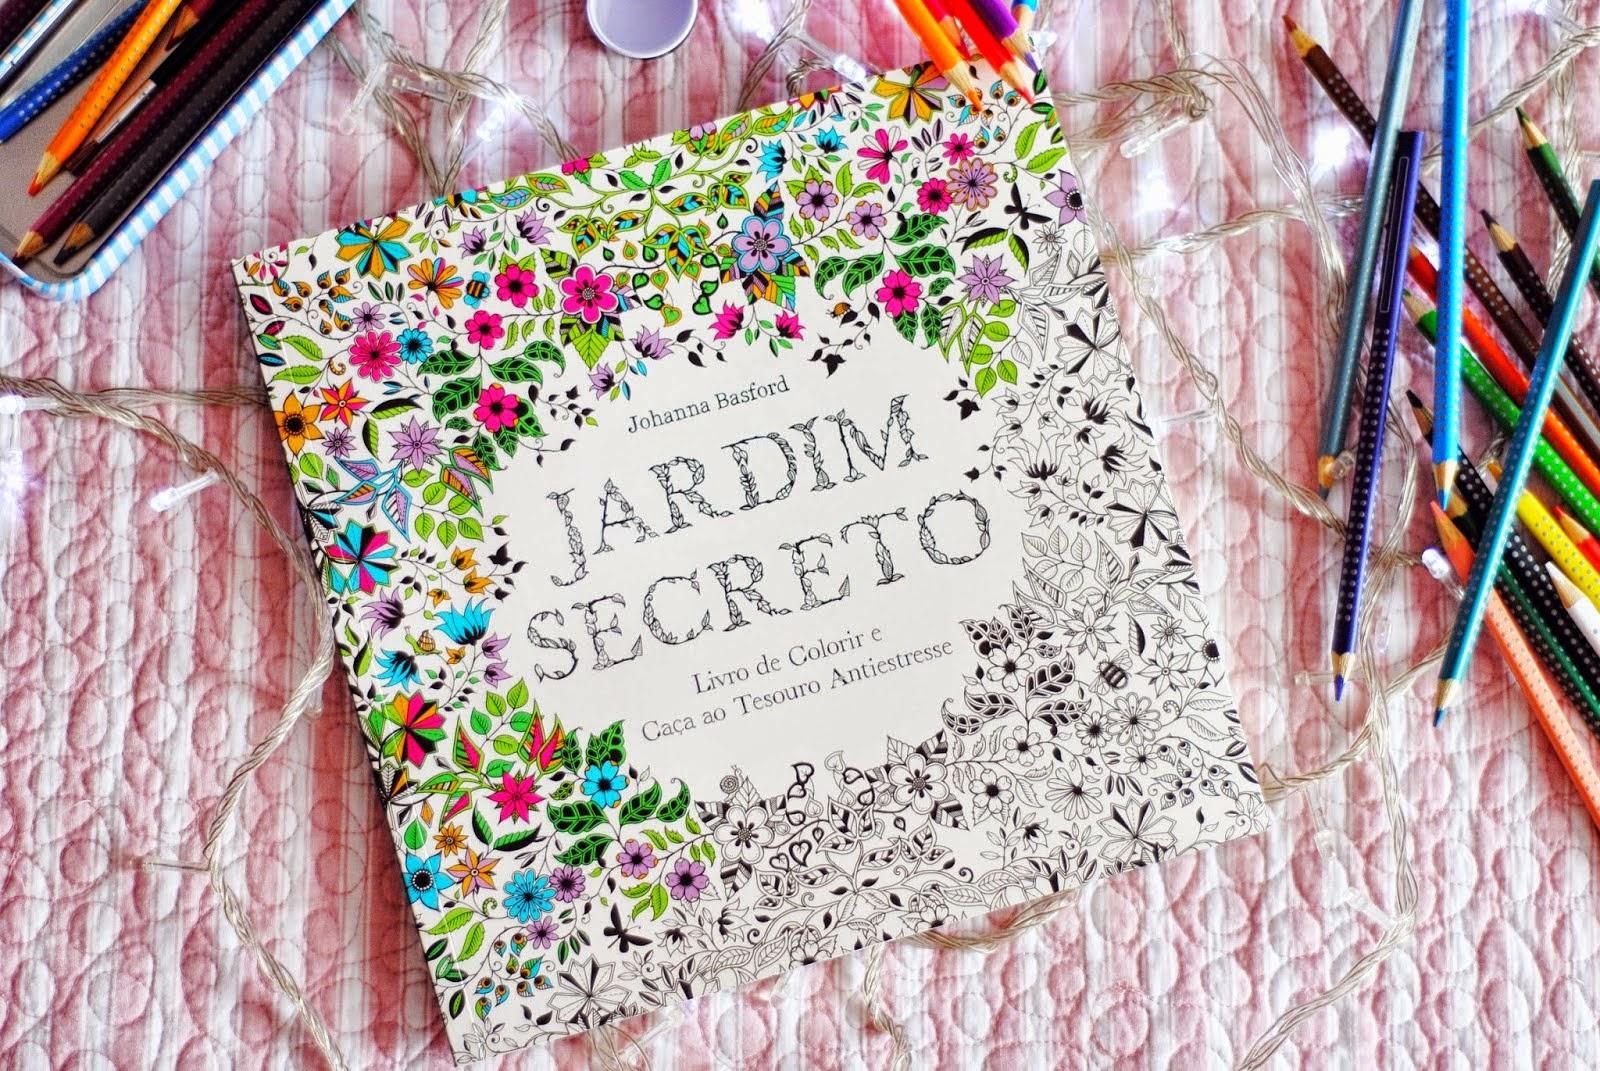 ideias para pintar livro jardim secreto : ideias para pintar livro jardim secreto: livros para colorir para para ajudar no tratamento de uma paciente com